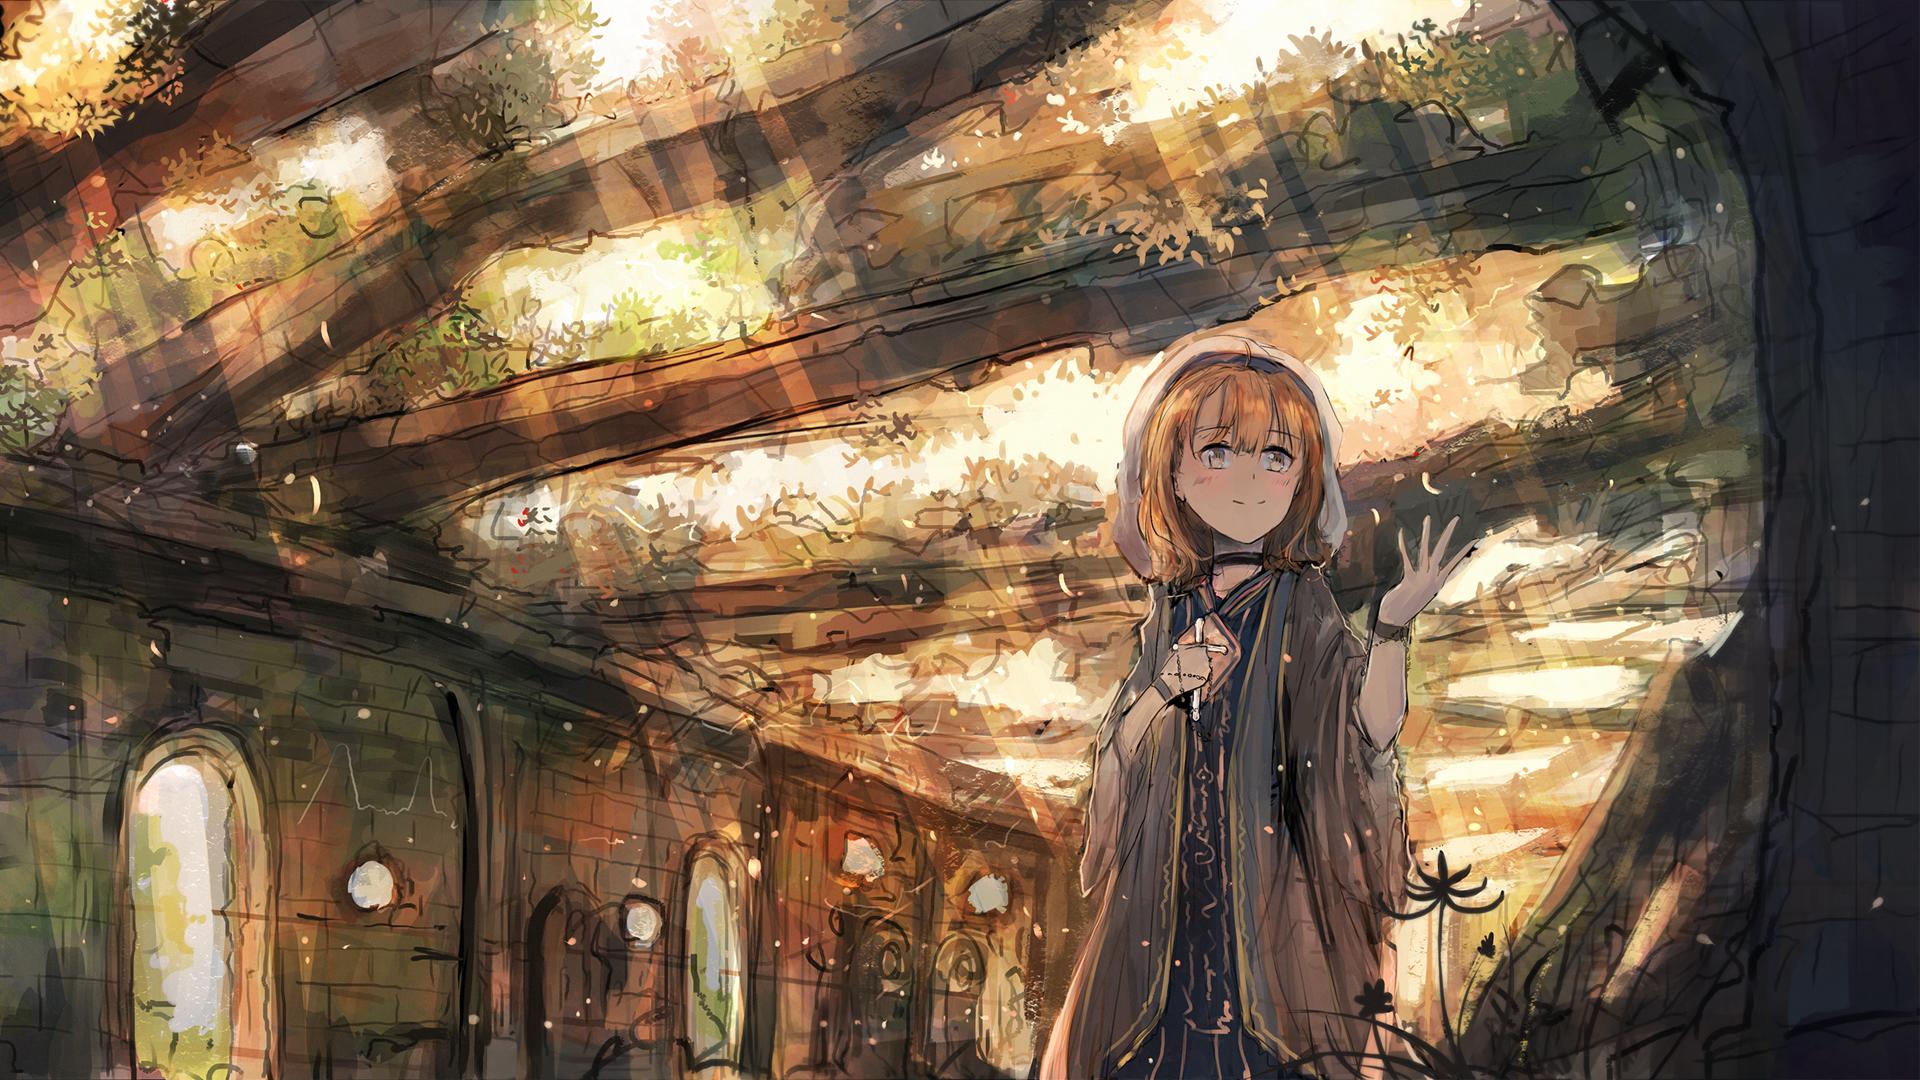 遗迹废墟 风景 女孩子 秋光 动漫壁纸-动漫壁纸